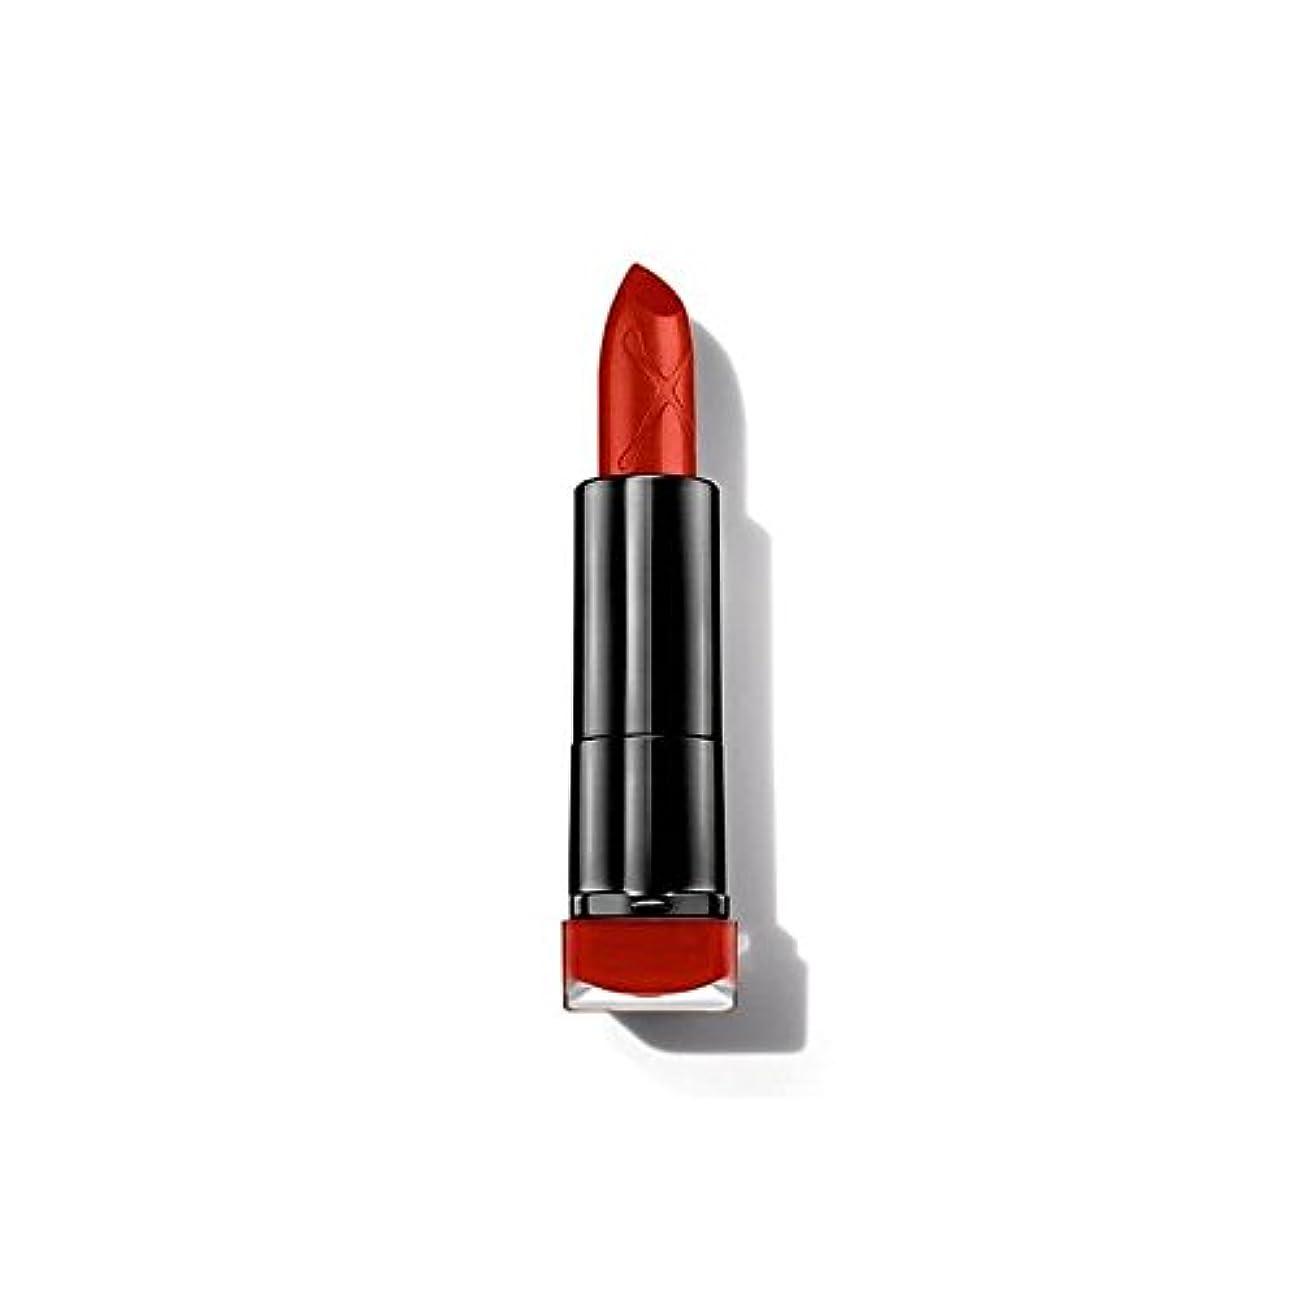 手段金額シリーズマックスファクターカラーエリキシルマット弾丸口紅の願望30 x4 - Max Factor Colour Elixir Matte Bullet Lipstick Desire 30 (Pack of 4) [並行輸入品]